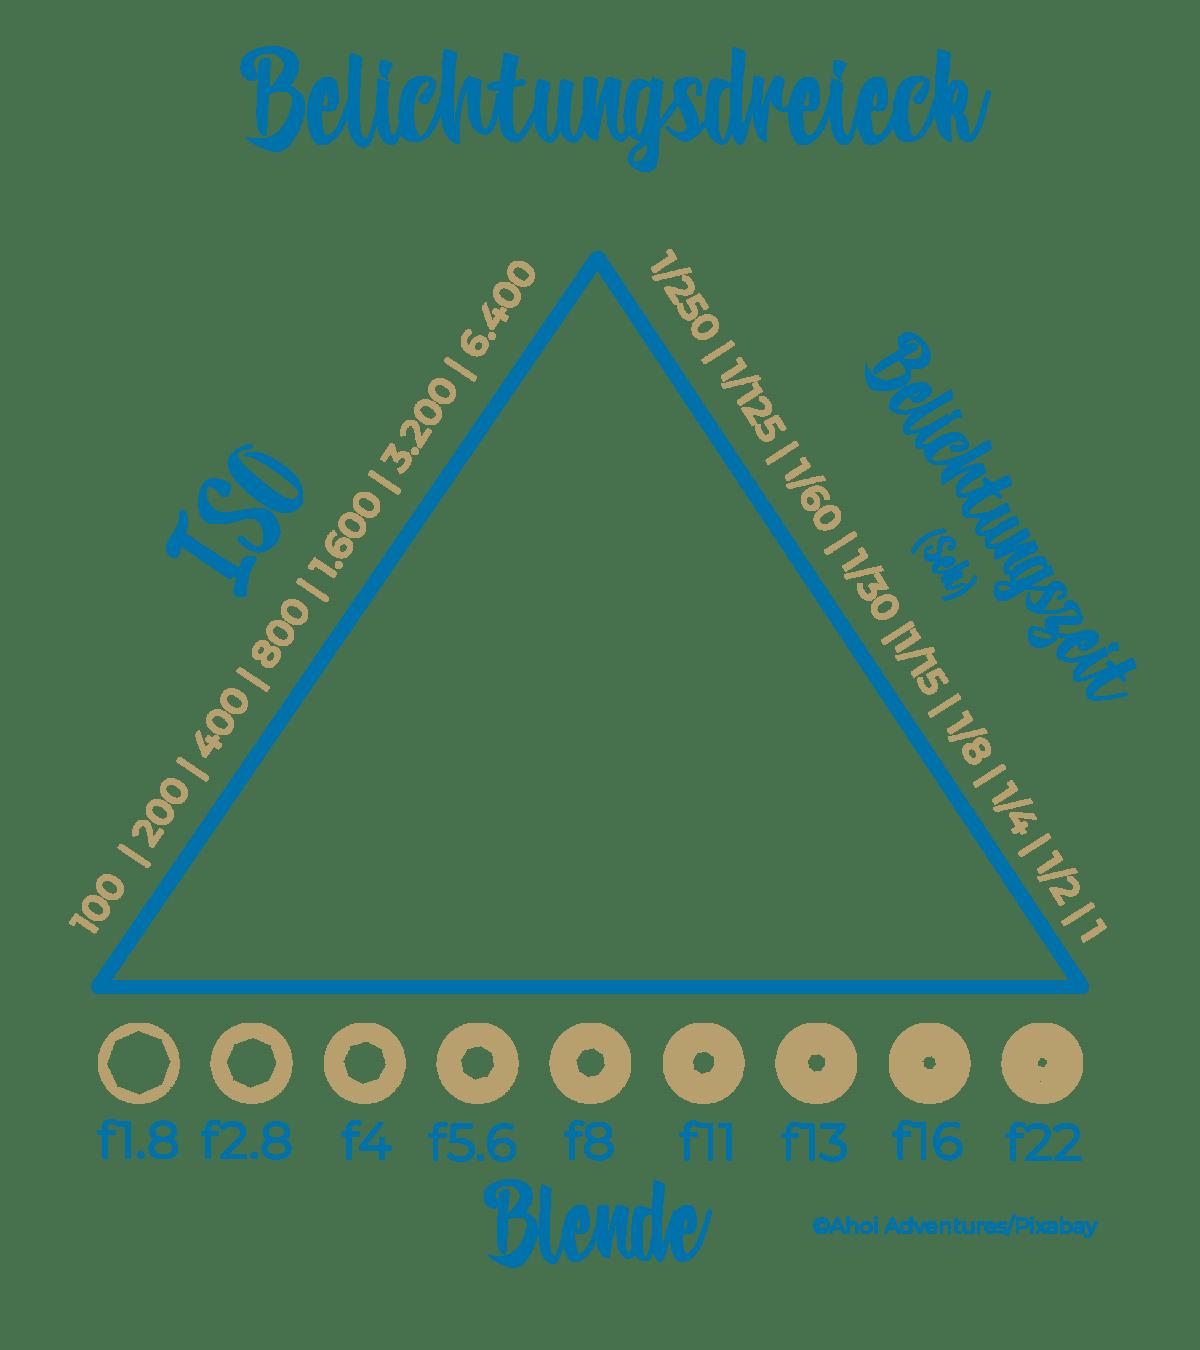 Fotografie-Tipps-für-anfänger-Fotokurs-Belichtungsdreick-Blende-ISO-Belichtungszeit